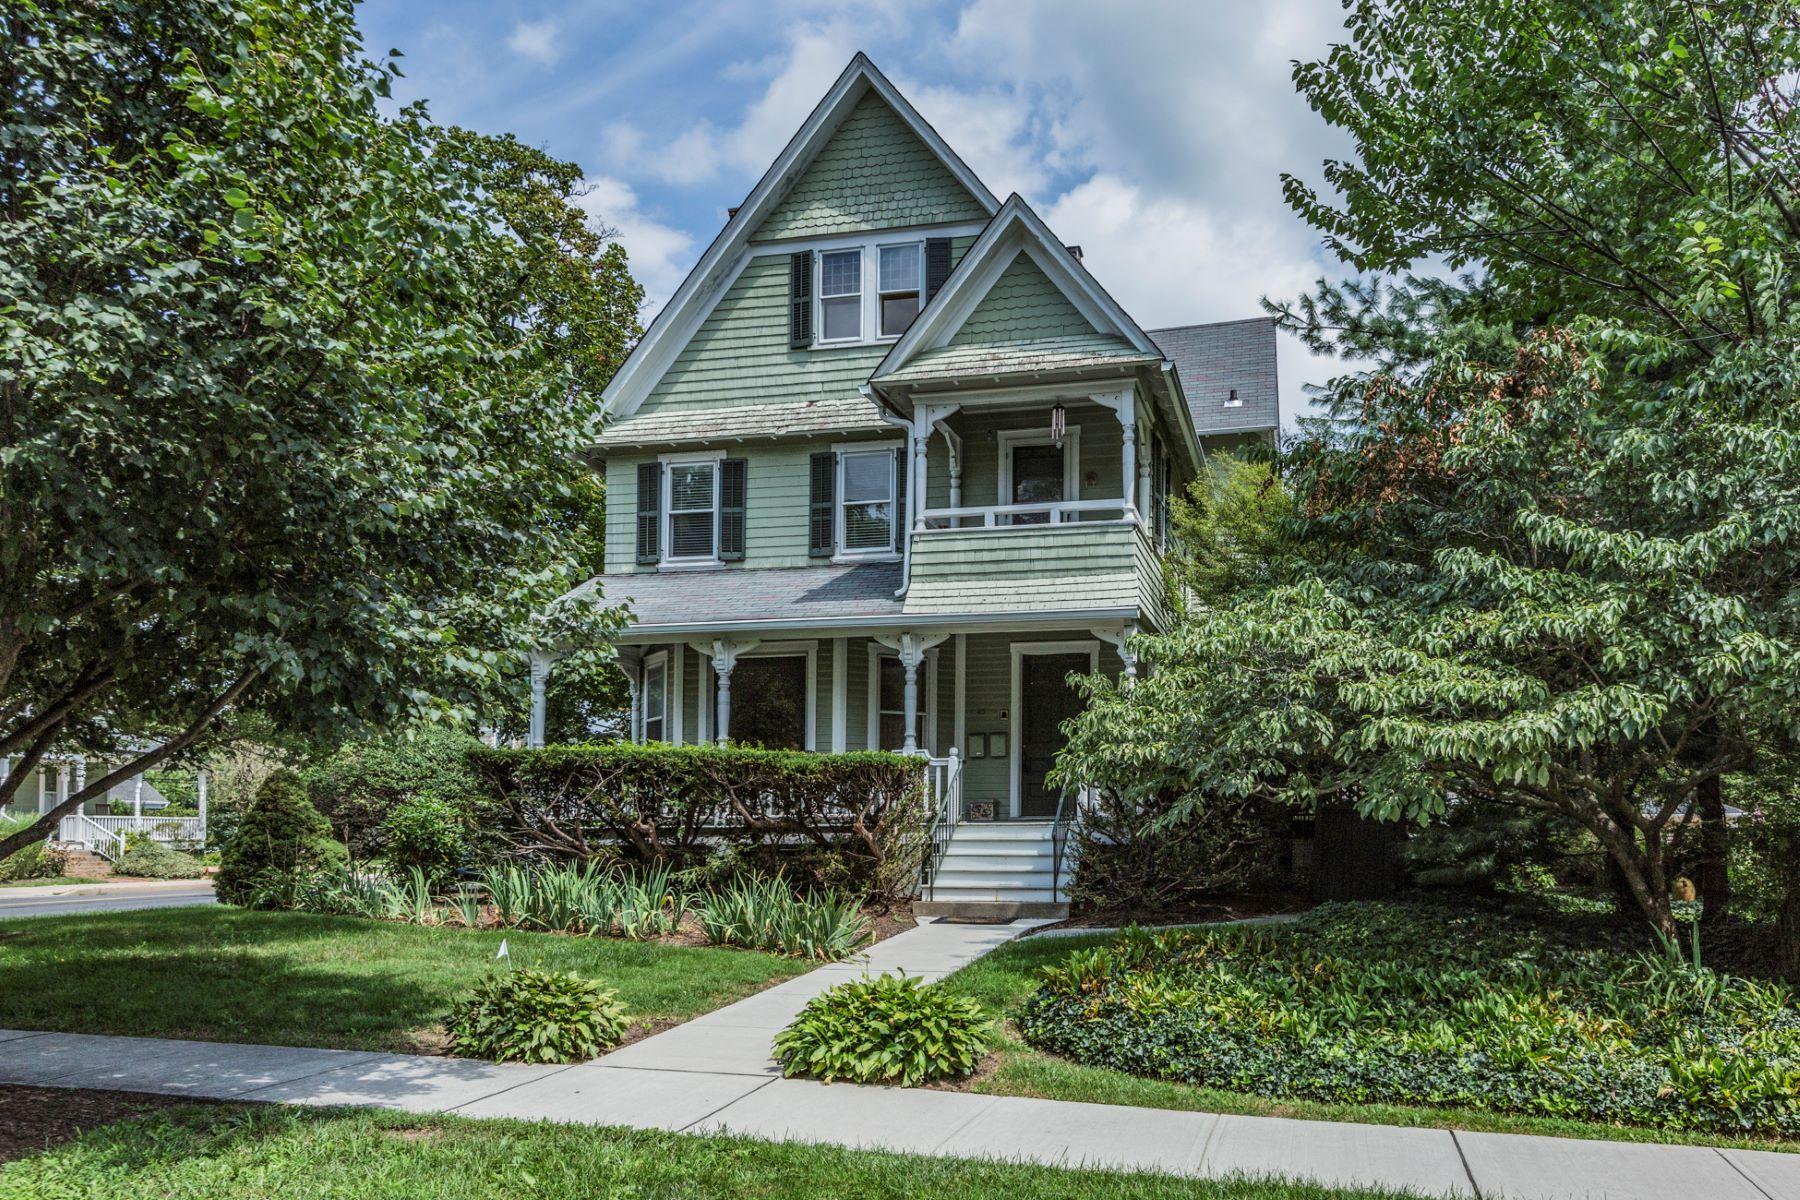 Eigentumswohnung für Verkauf beim Luxury Condo Offers the Best of Town and Gown 45 Vandeventer Avenue Unit 3 Princeton, New Jersey, 08542 Vereinigte Staaten